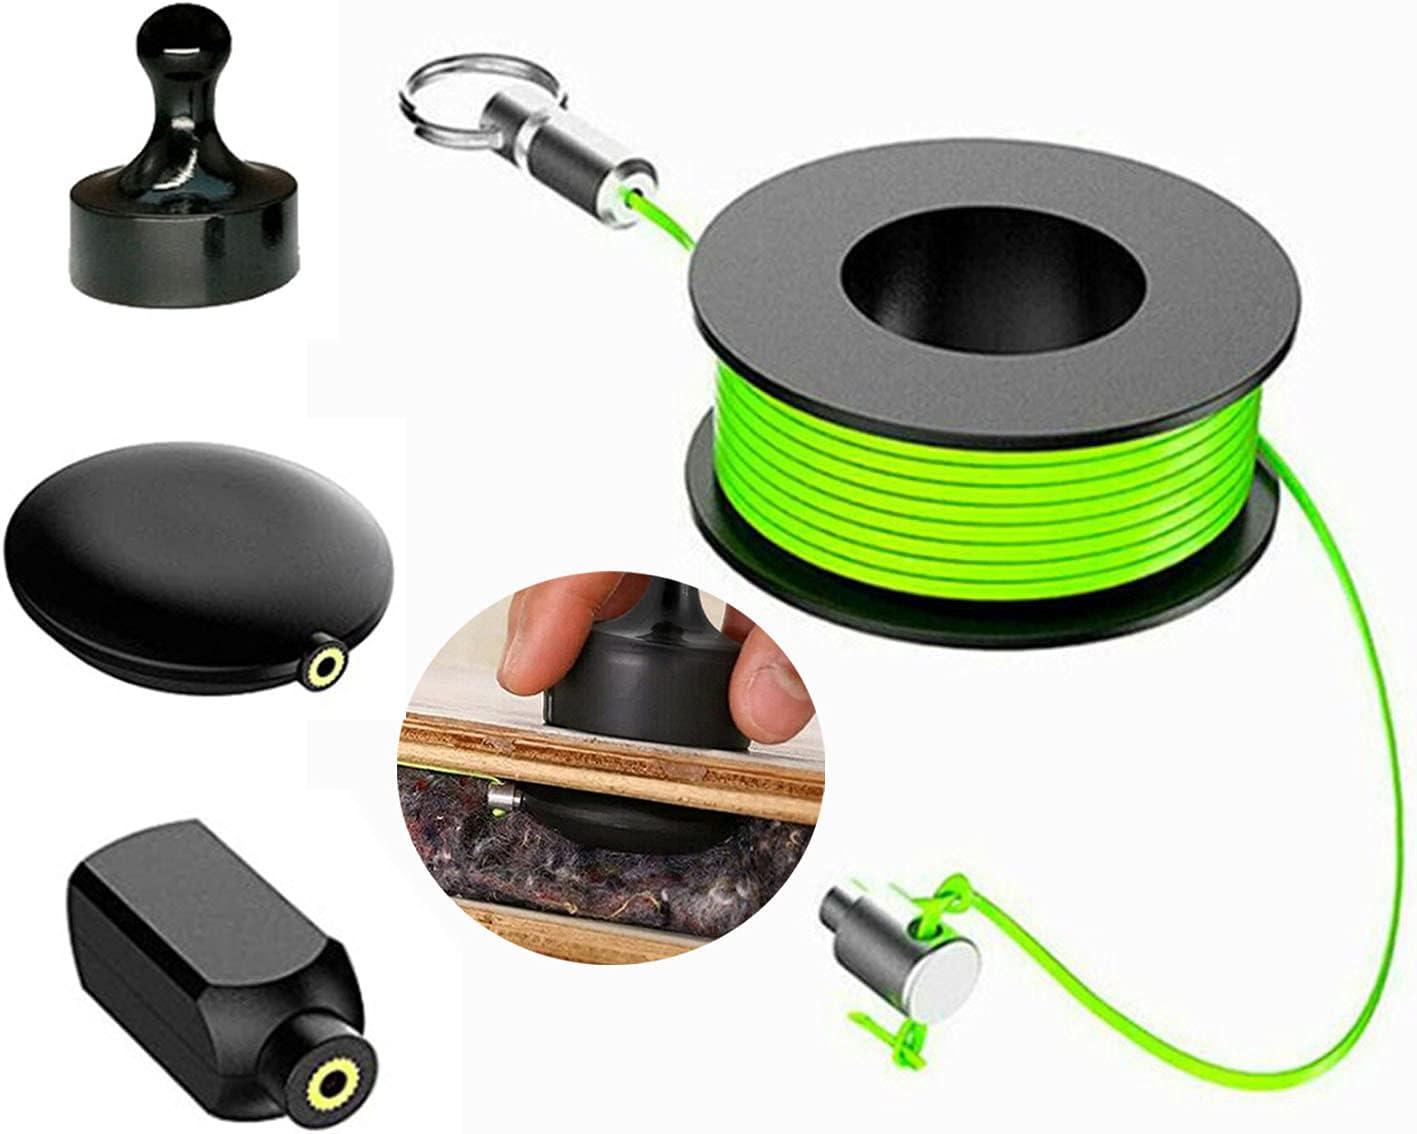 Tirador de alambre magnético, Macllar Juego de extractores de cables magnéticos de 4 paquetes con cables magnéticos, cuerdas de nailon, herramientas de pesca con cable guía de alambre magnético